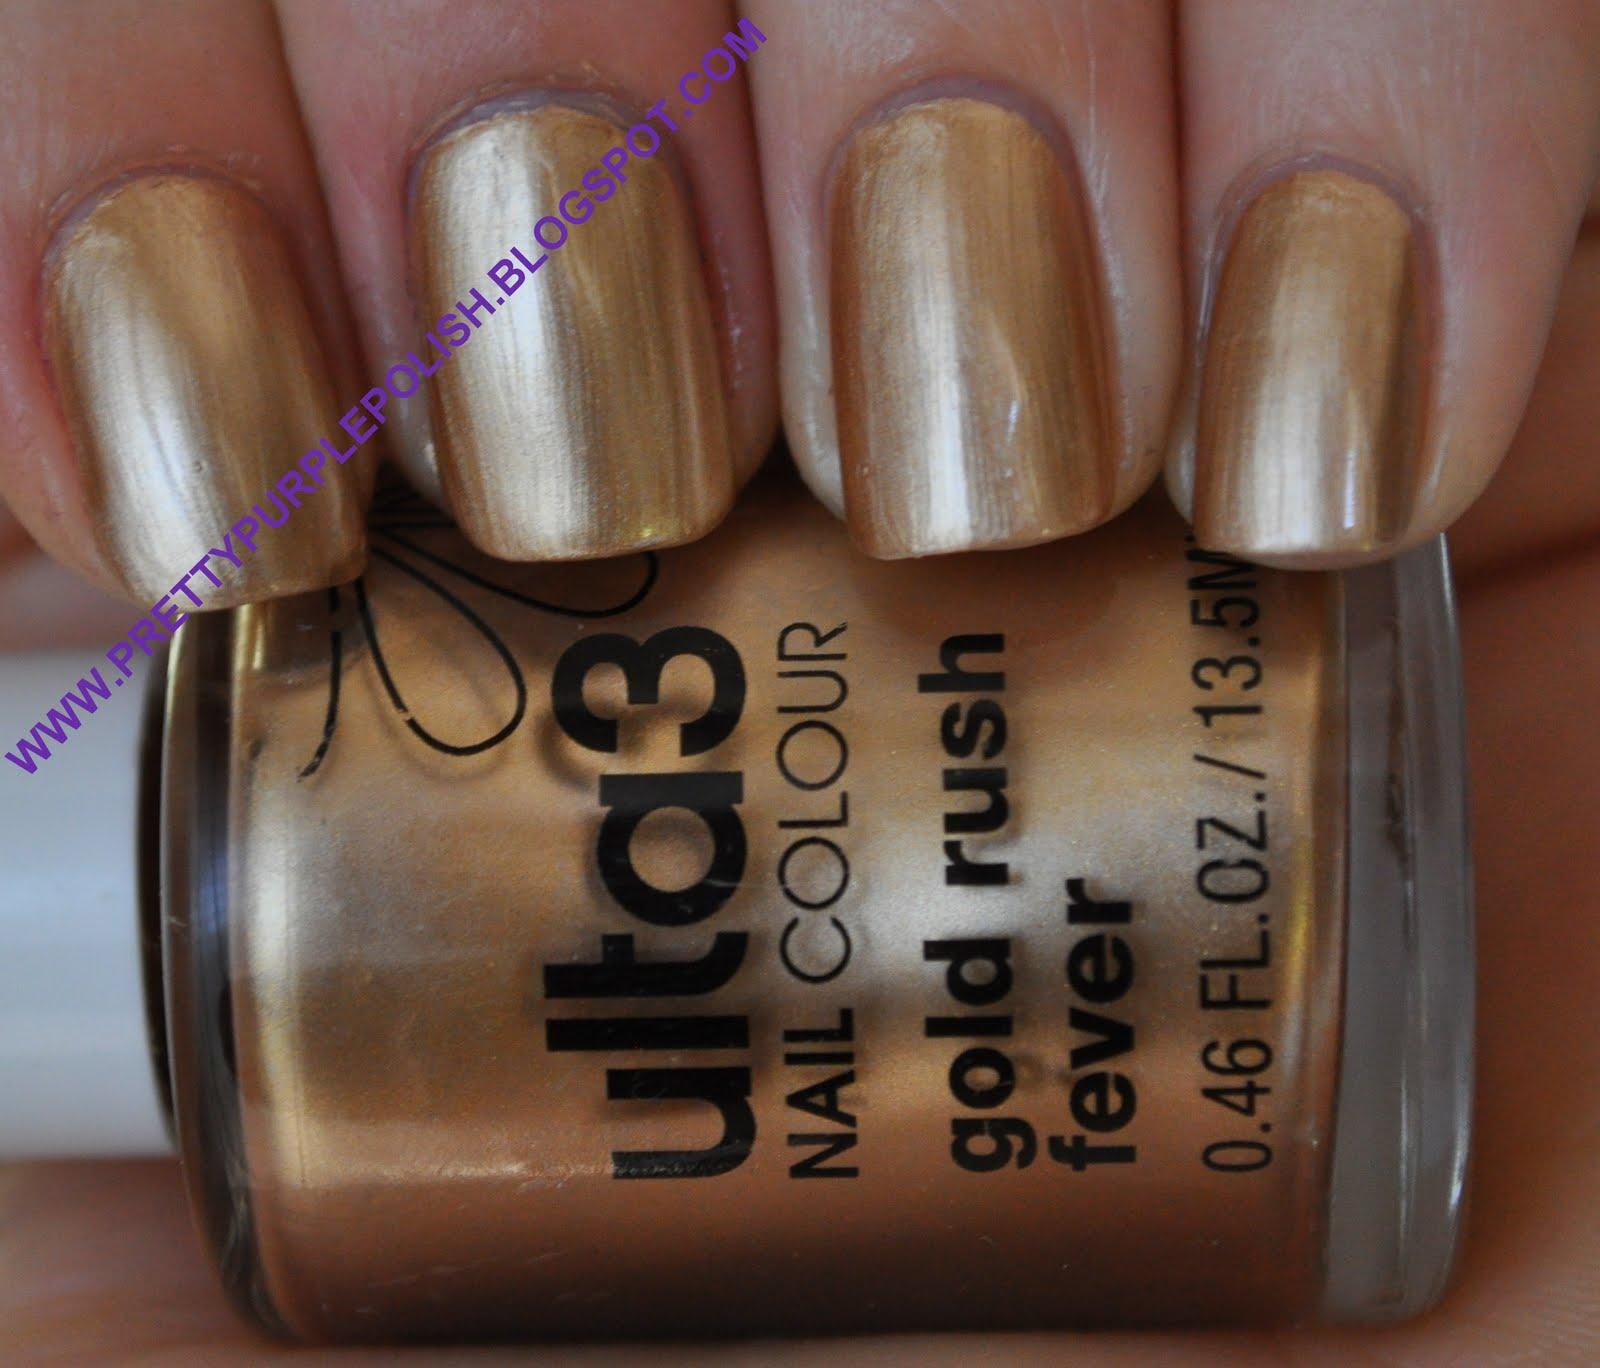 Ulta3 Pro Nail Polish | Hession Hairdressing